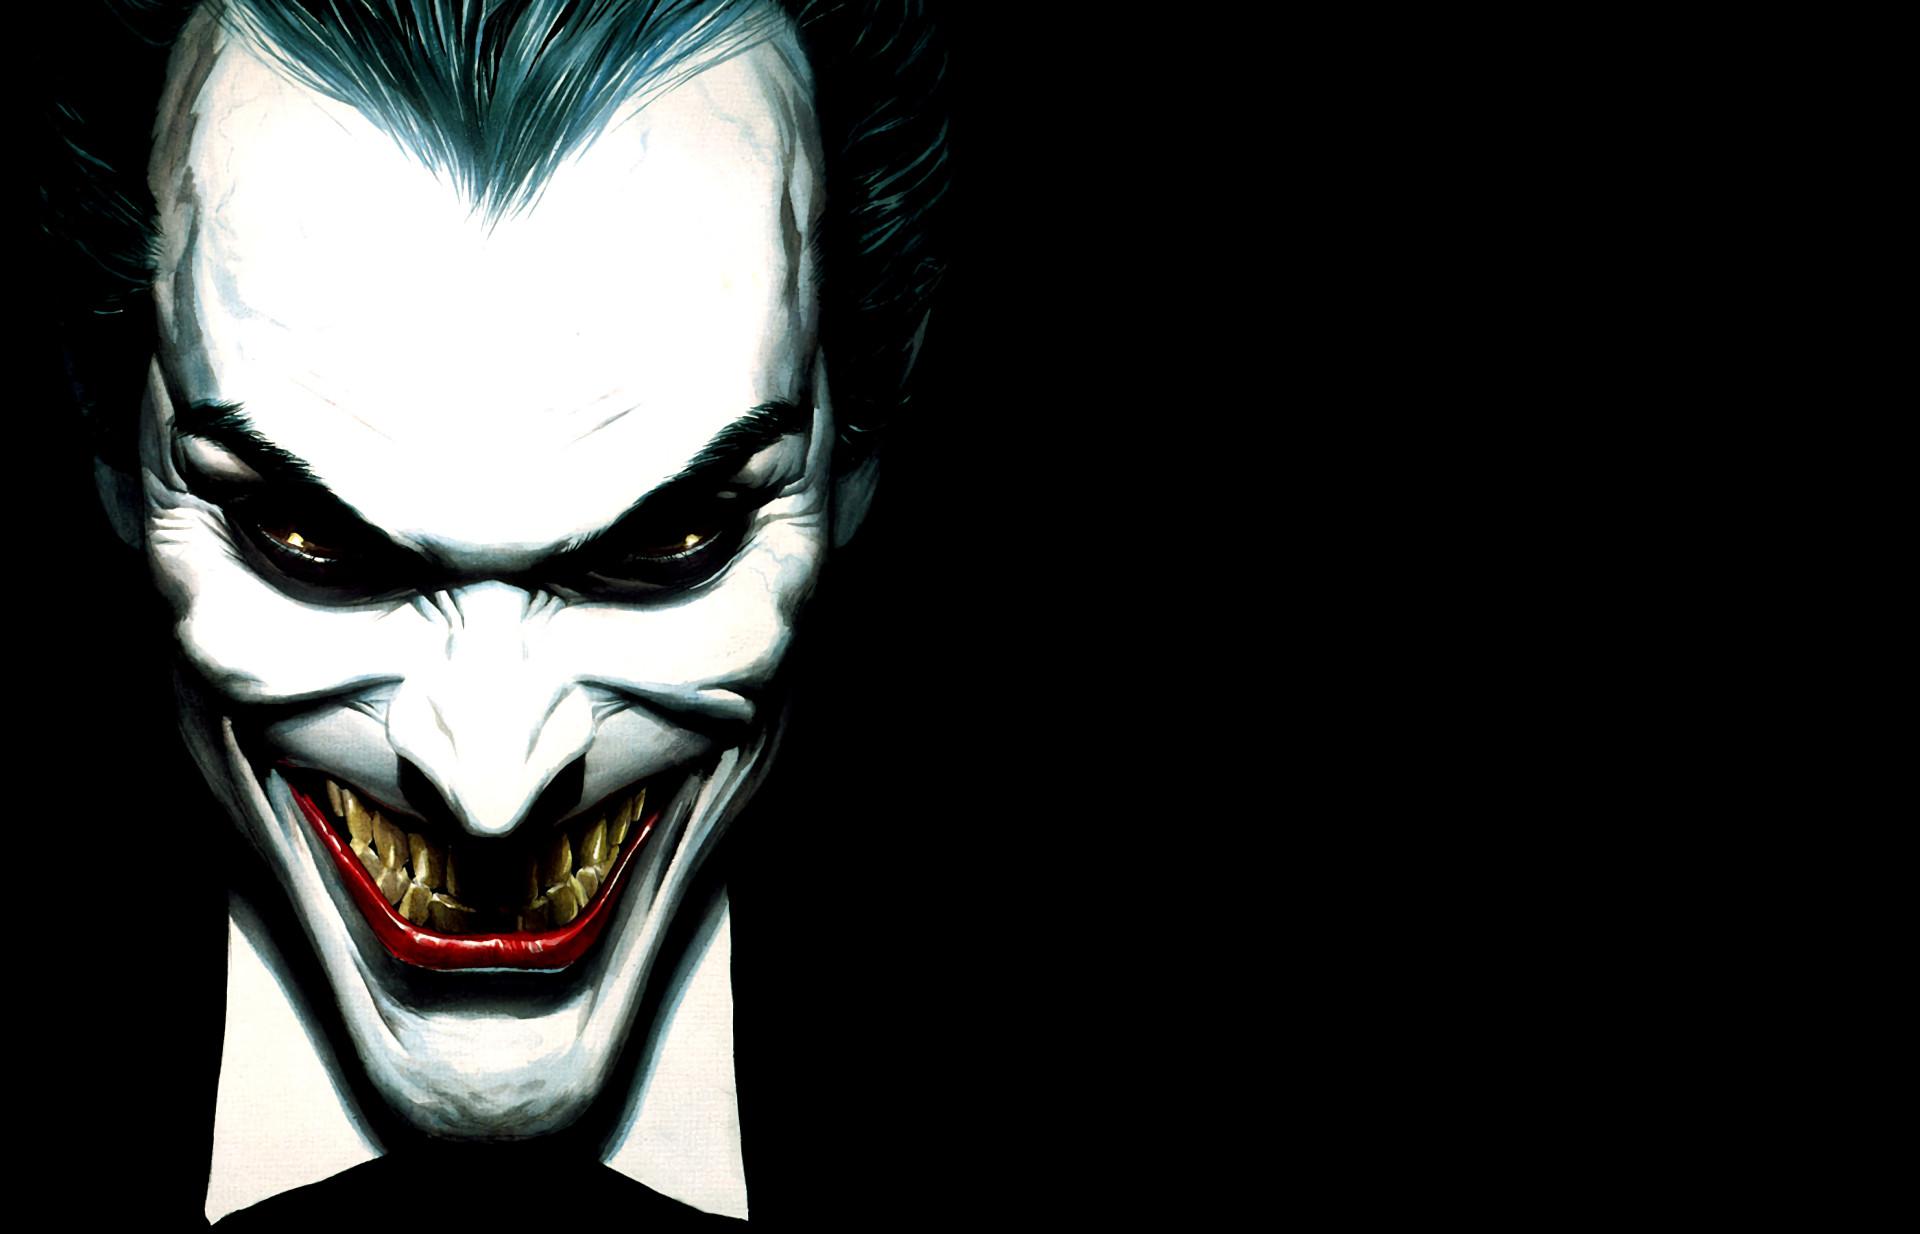 538 Joker HD Wallpapers   Backgrounds – Wallpaper Abyss